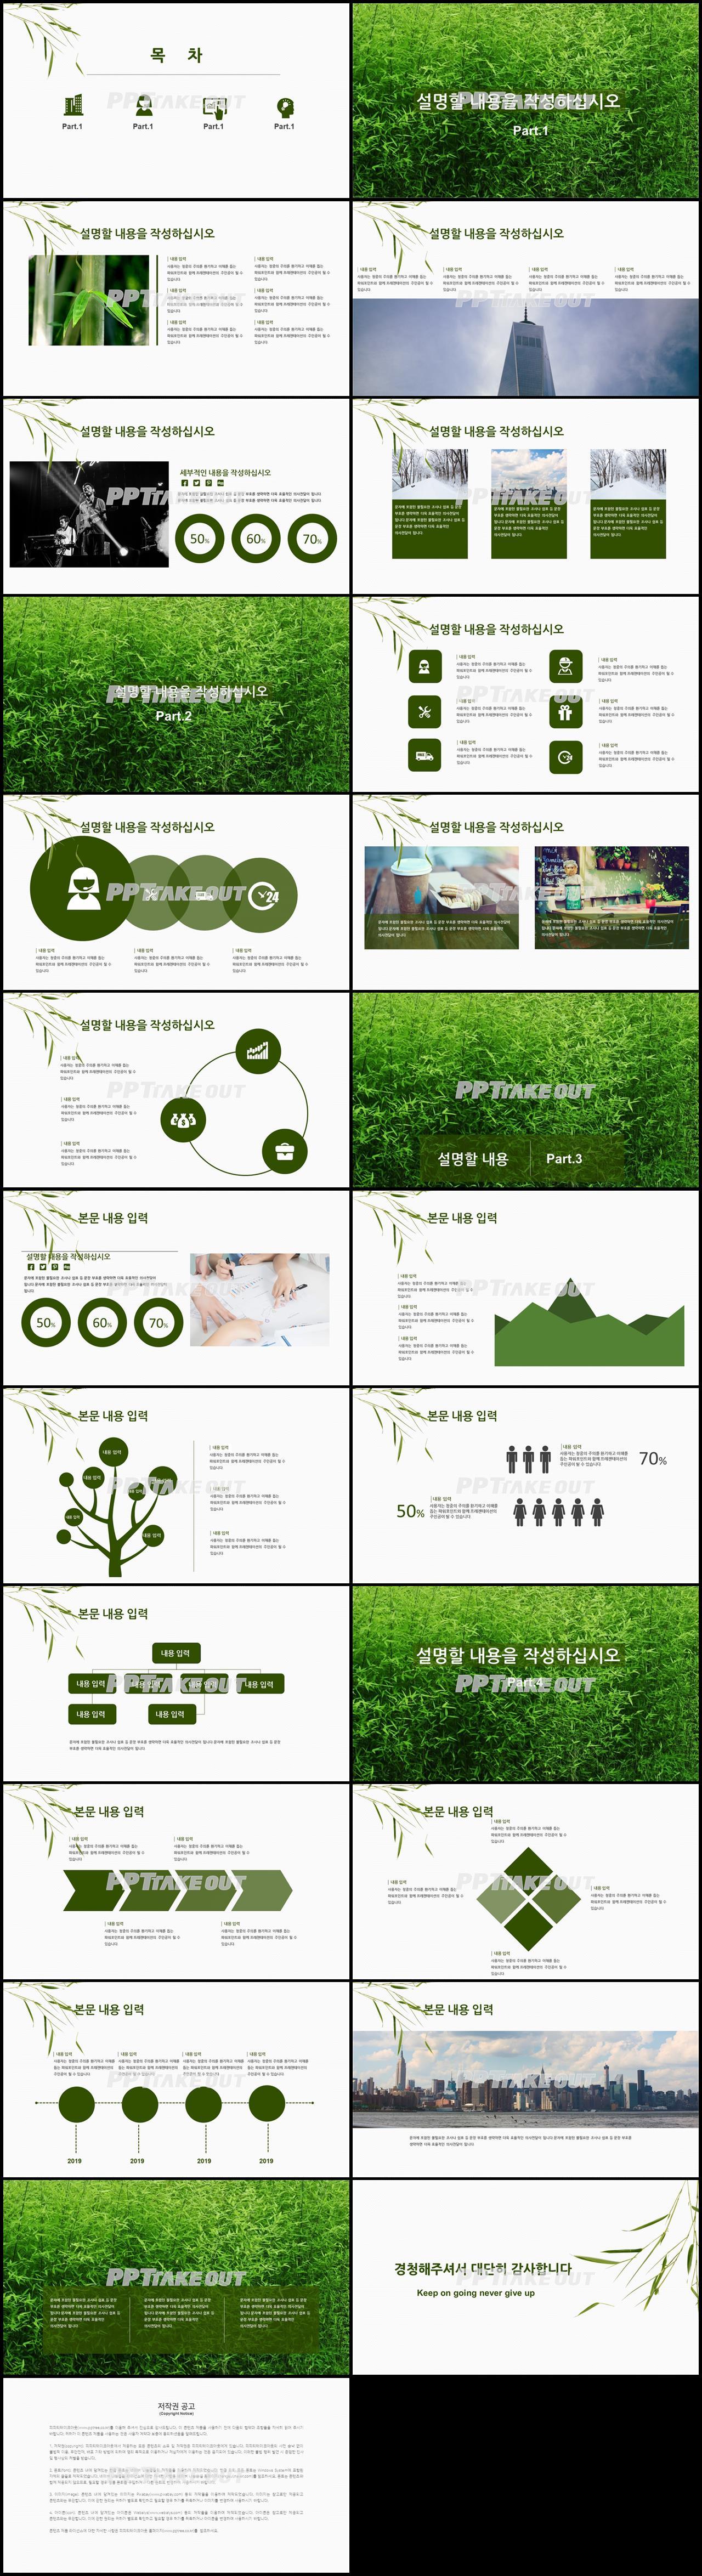 화초, 동식물 그린색 예쁜 프로급 파워포인트양식 사이트 상세보기